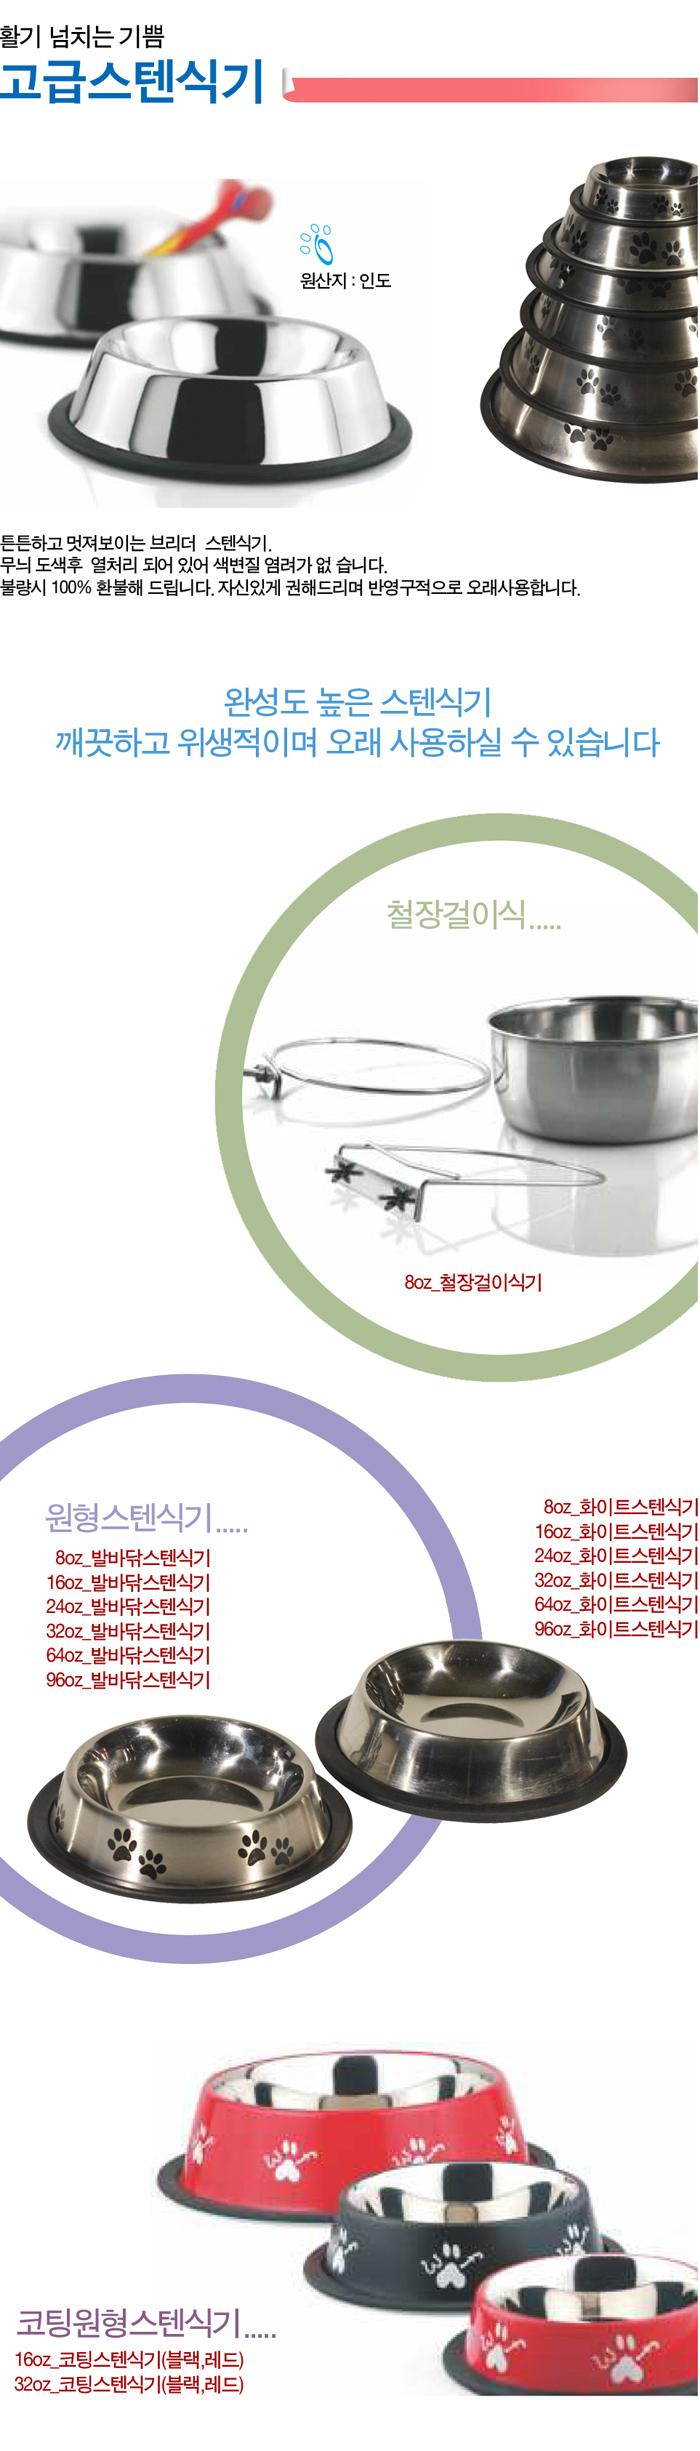 발바닥 스텐식기 710ml - 스토어봄, 5,300원, 급수/급식기, 식기/식탁